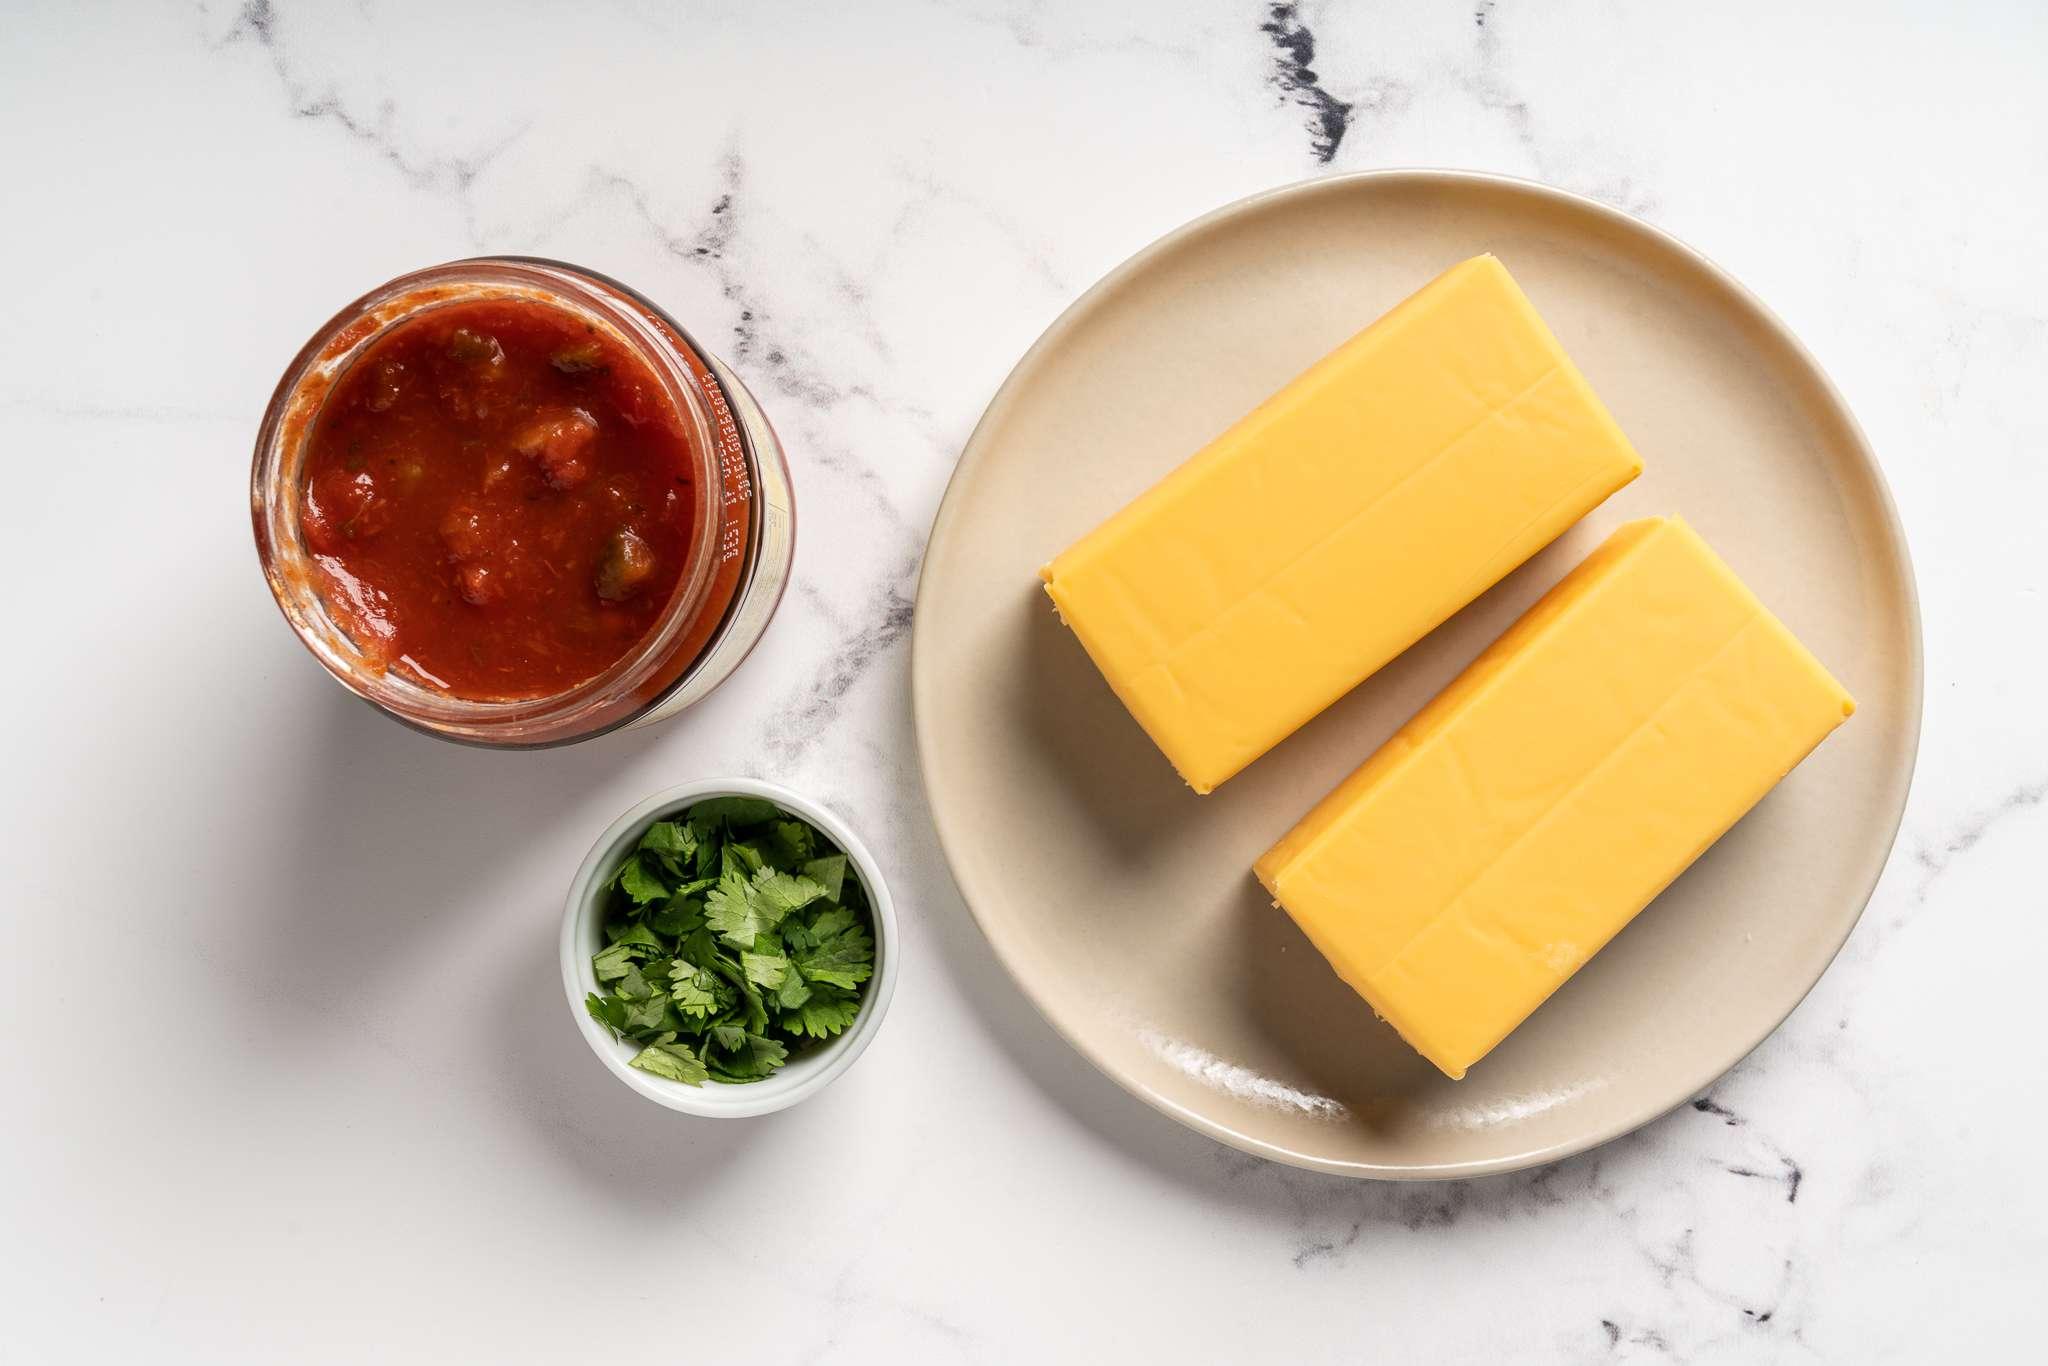 3-Ingredient Slow Cooker Velveeta Cheese Salsa Dip ingredients